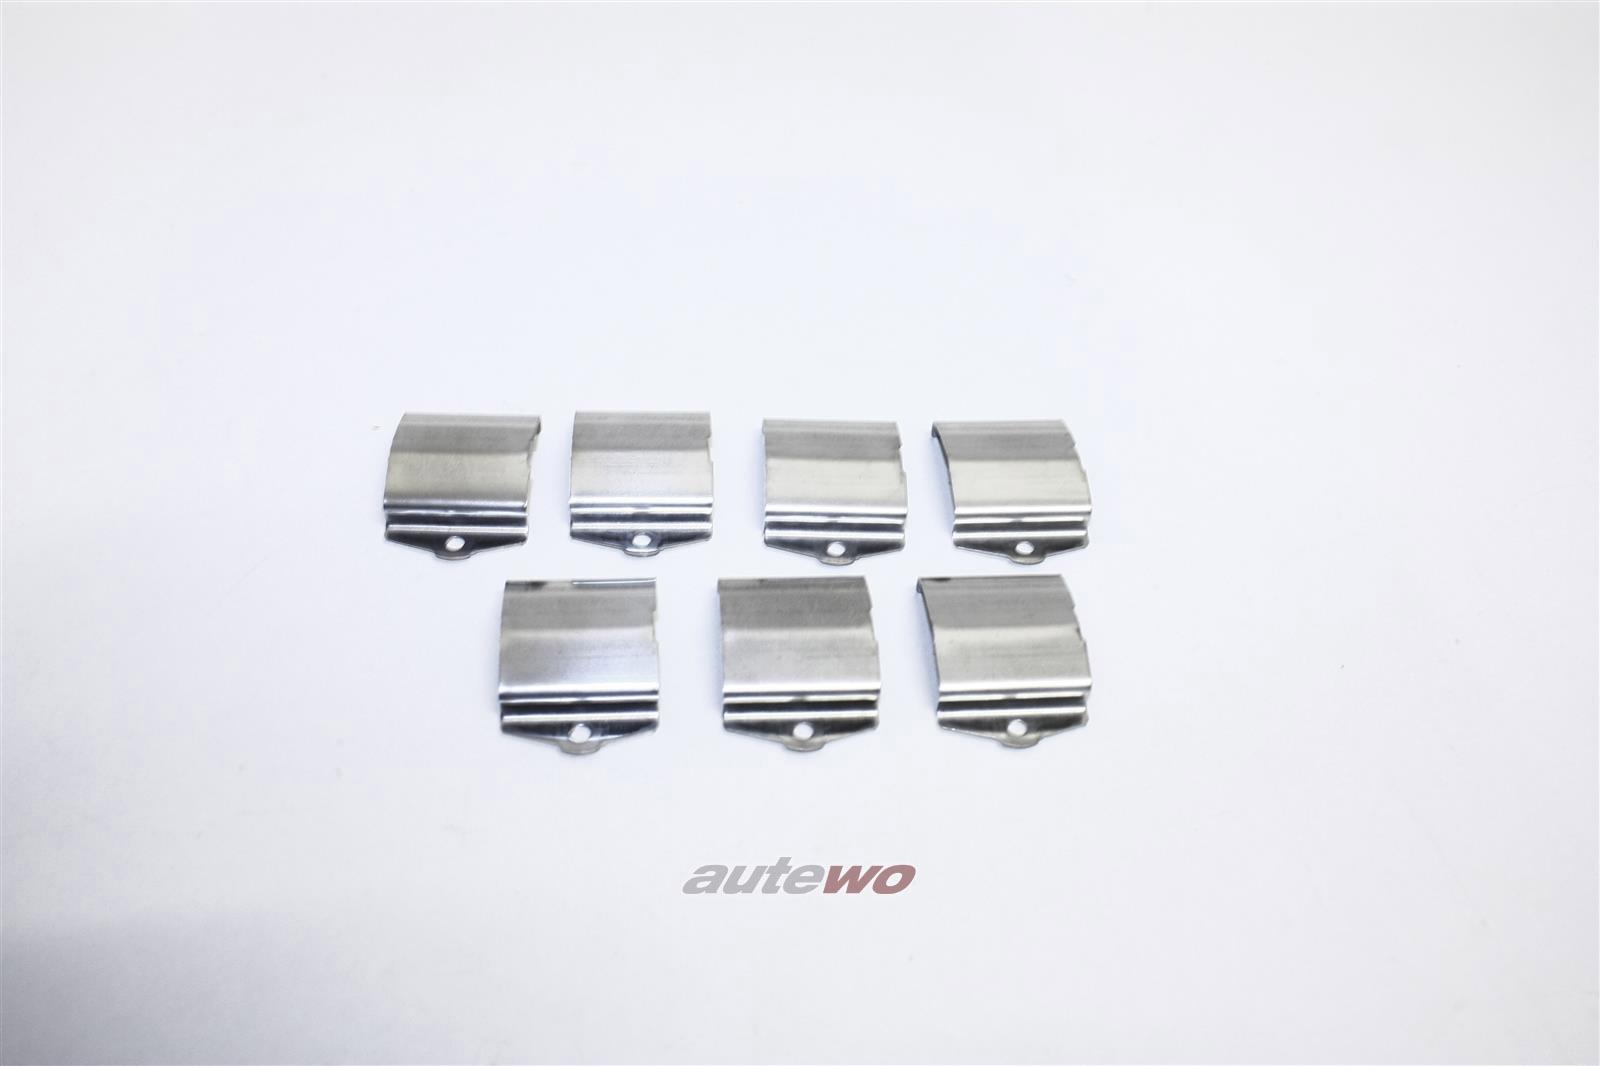 NEU&ORIGINAL Audi 90 Typ 81/85/Urquattro Set Haltefedern Streuscheibe  855941125